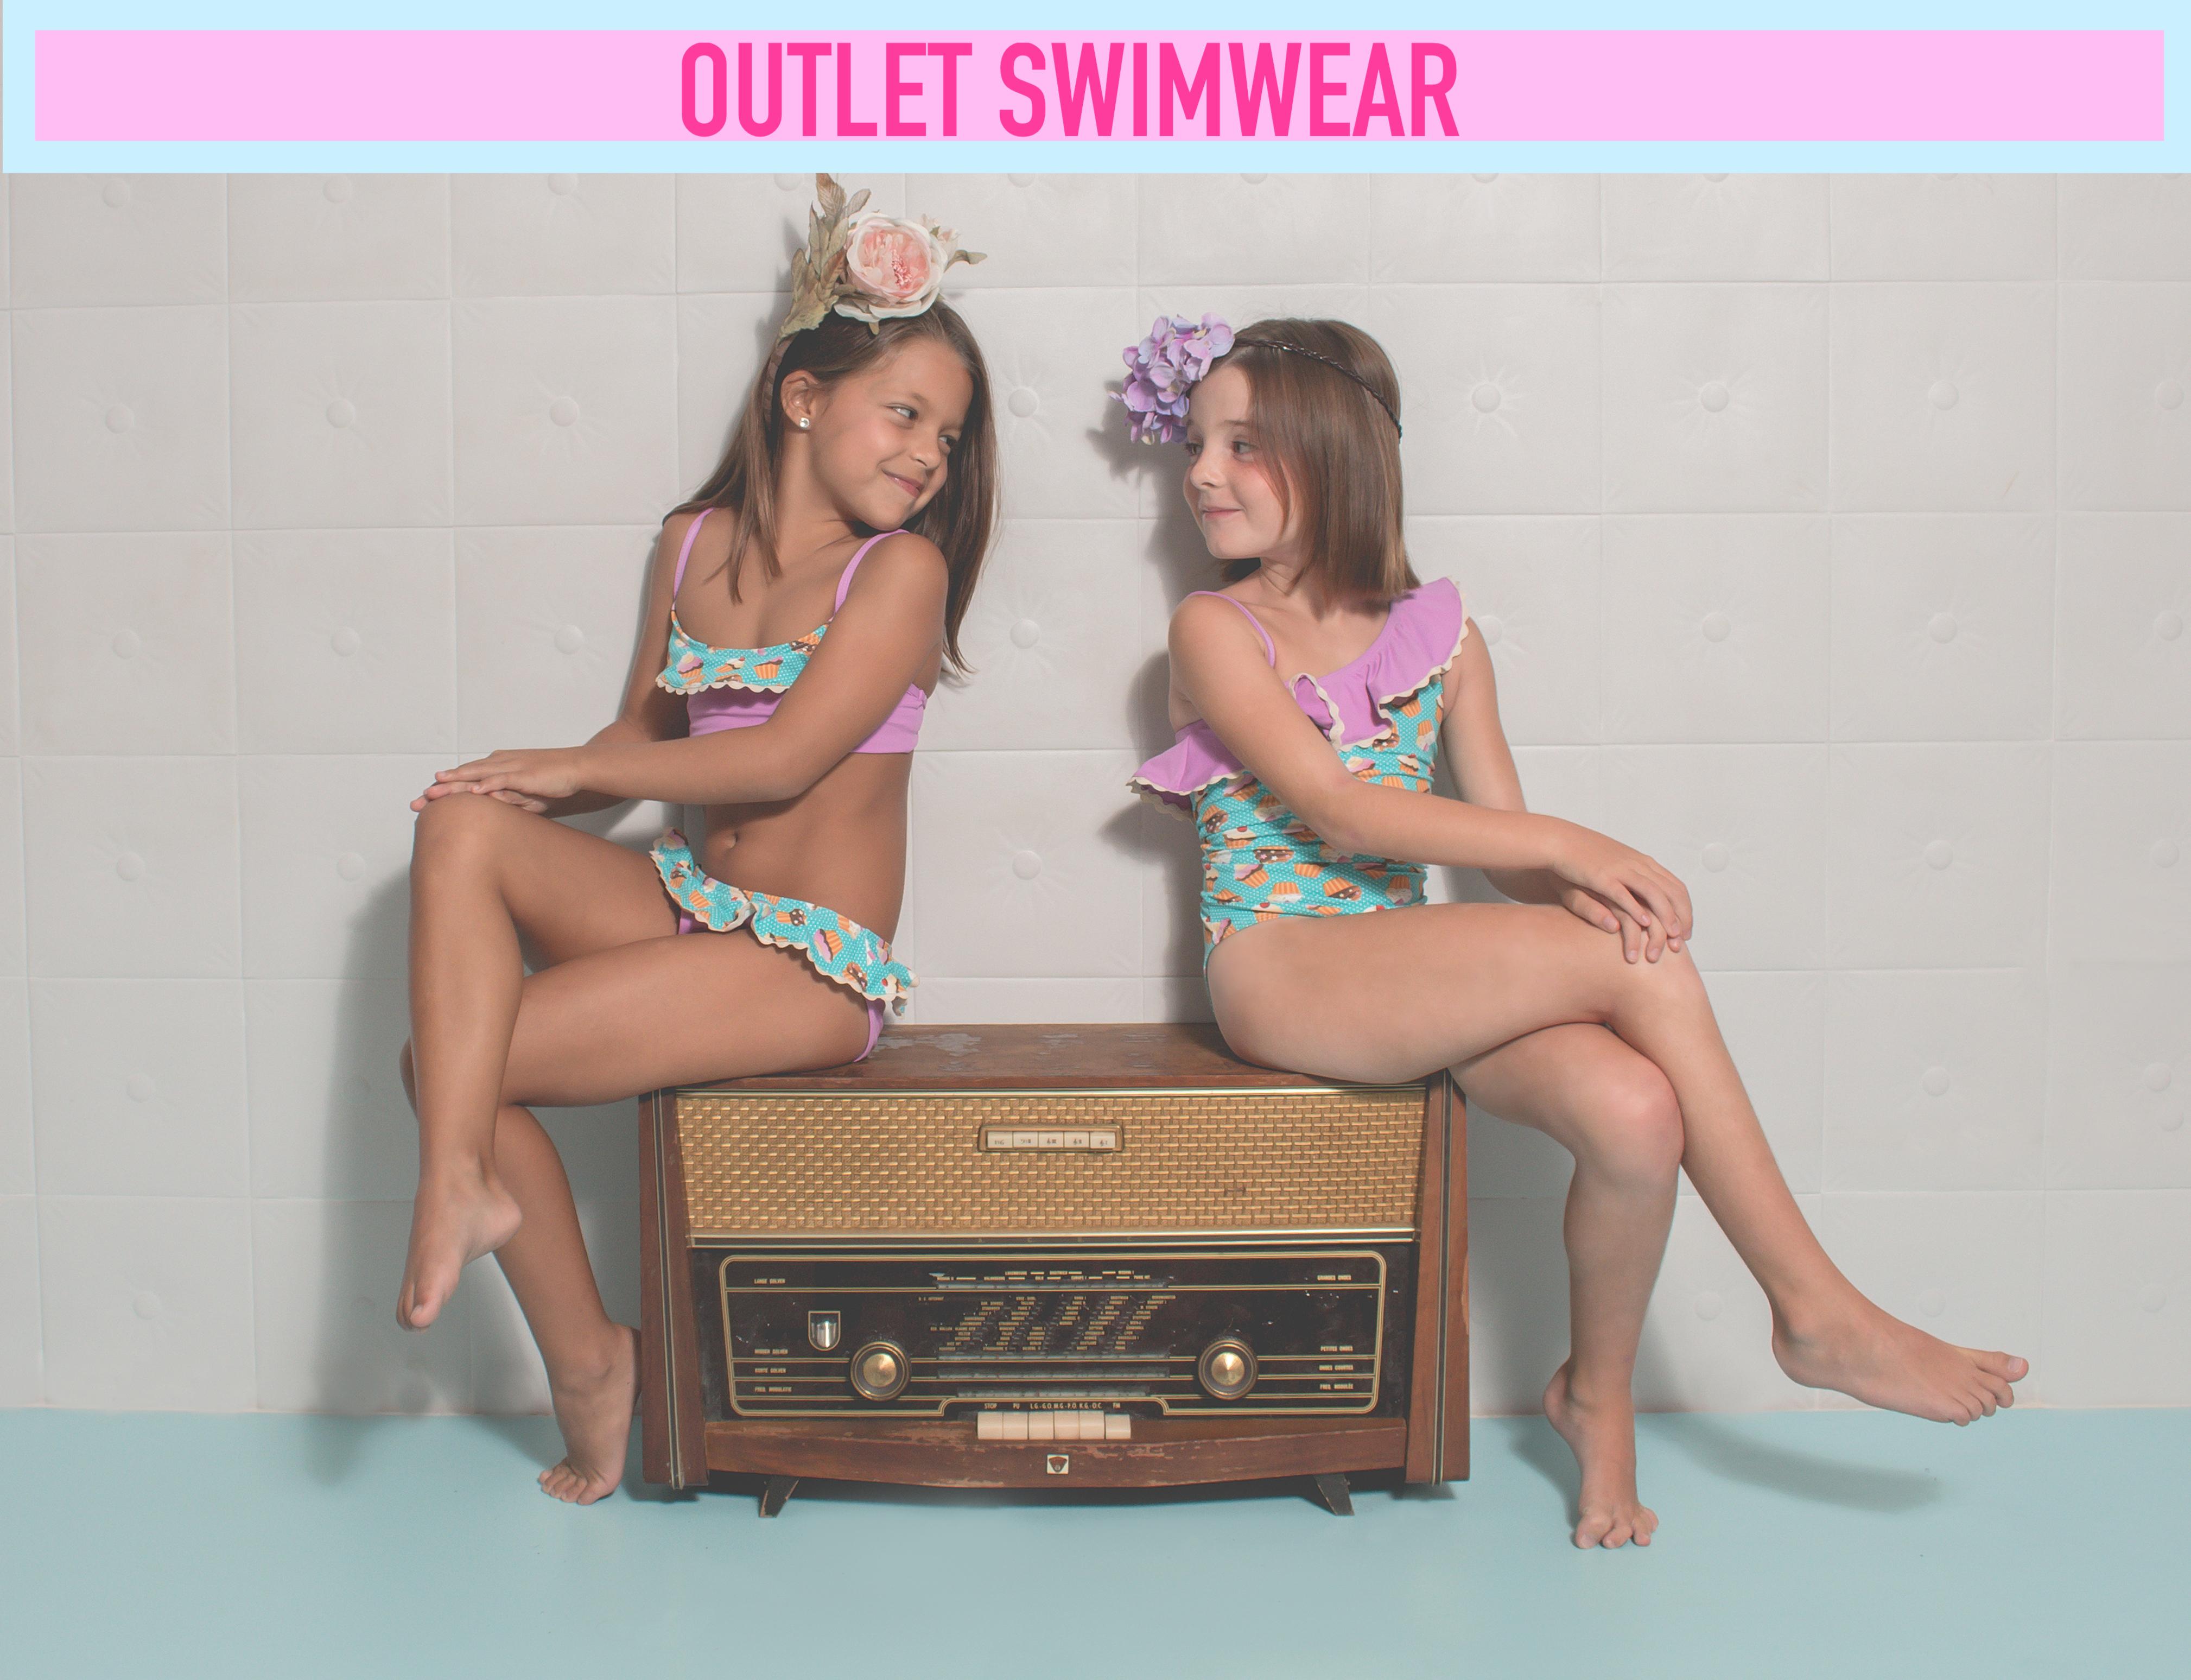 belén-zotano-outlet-swimwear